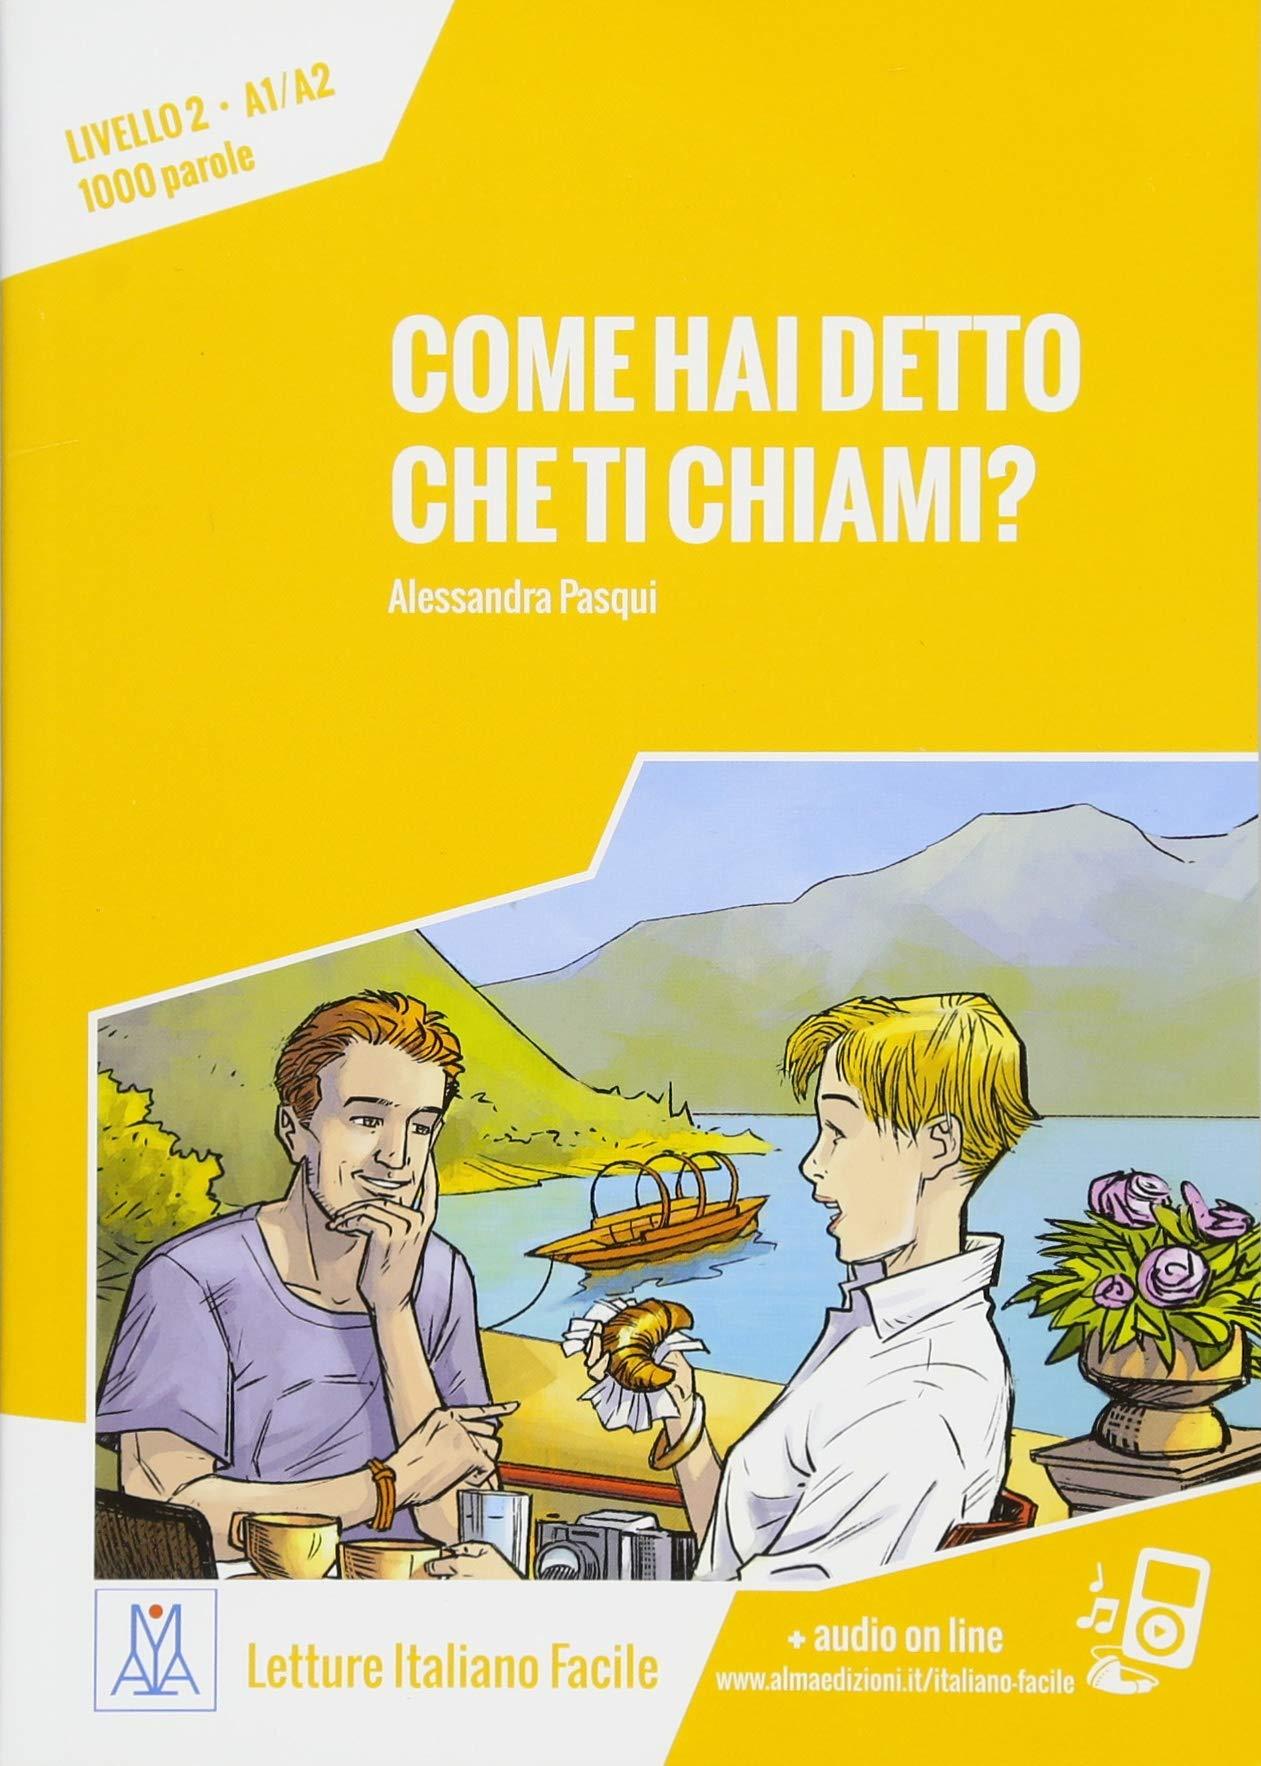 Come hai detto che ti chiami?: Livello 2 / Lektüre + Audiodateien als Download (Letture Italiano Facile)